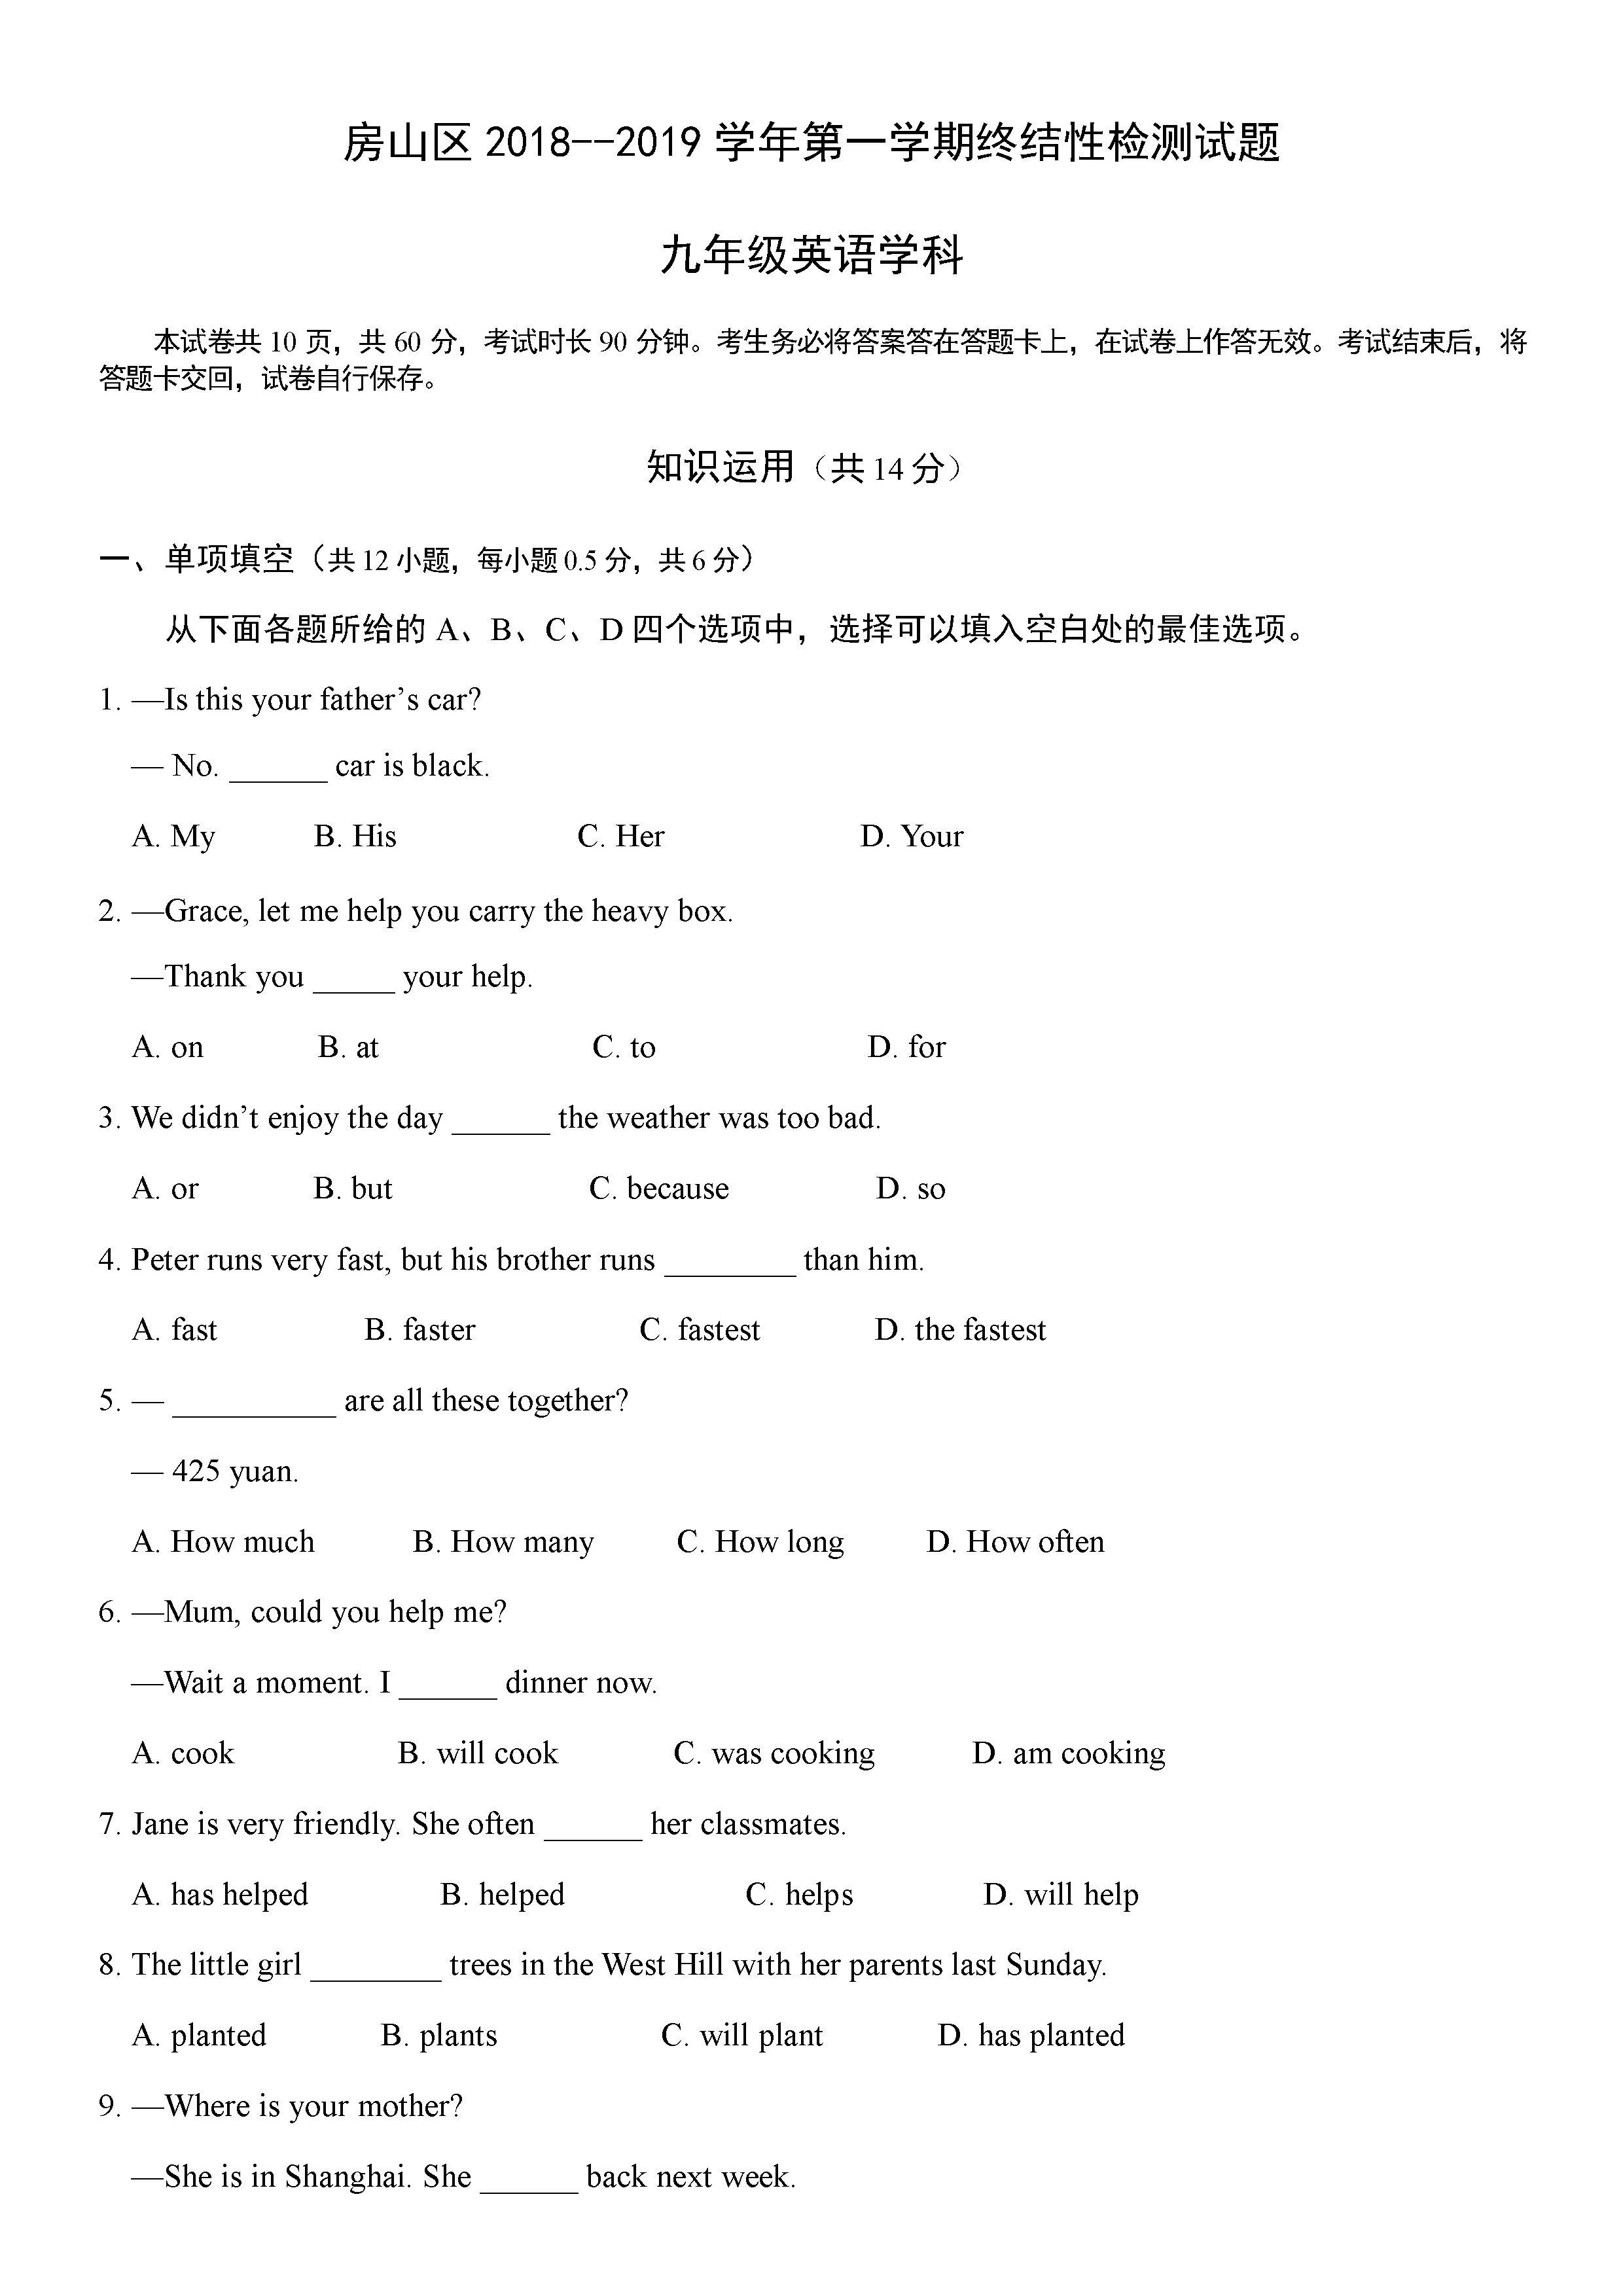 2019年1月北京房山初三上英语期末试题及答案